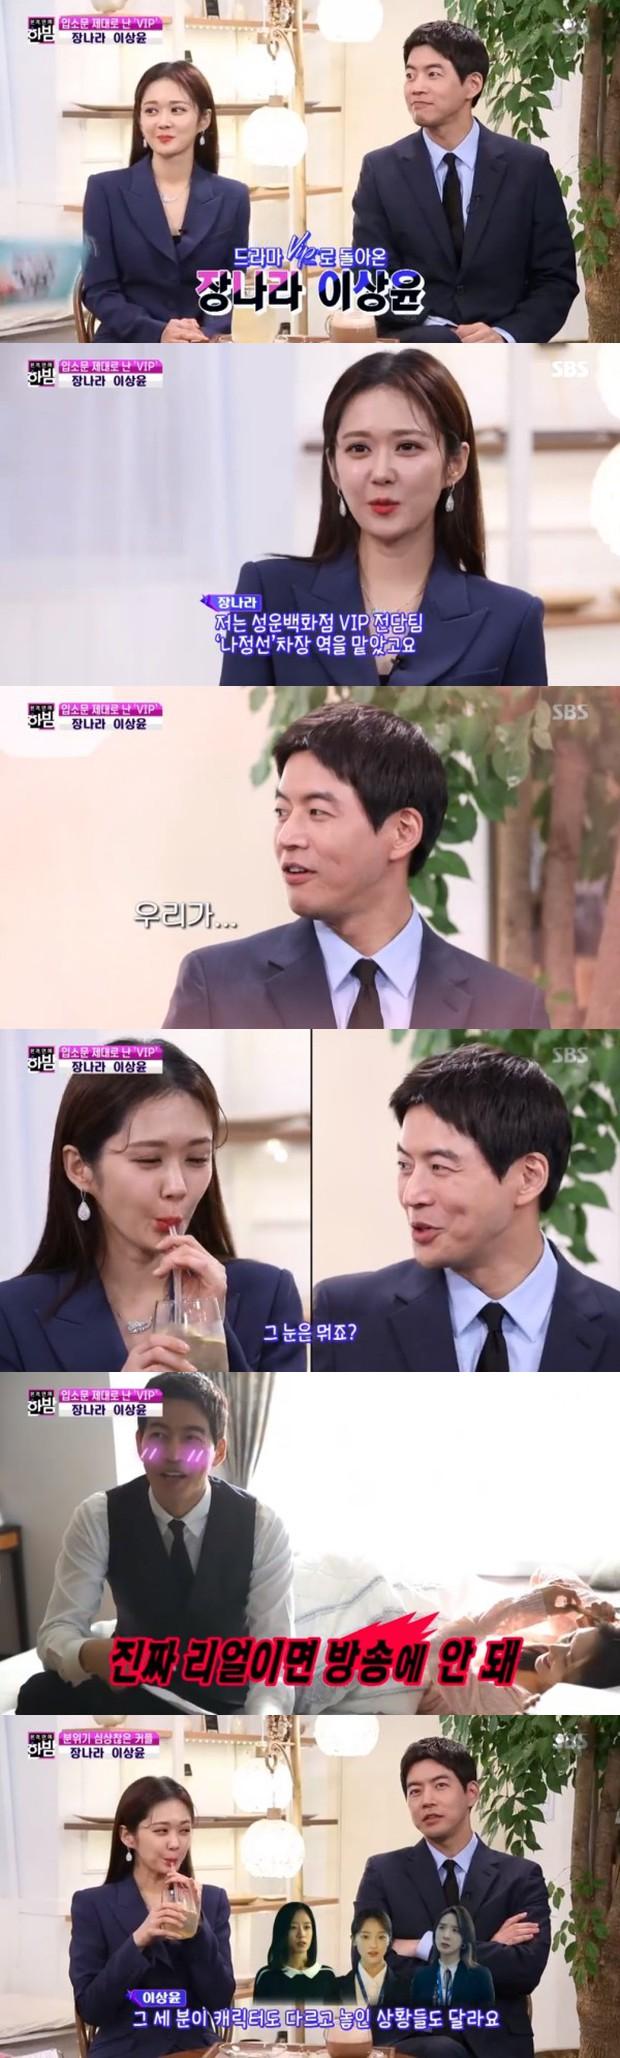 Phim vừa tạo ra cú nổ lớn tại Hàn, Jang Nara và người chồng quốc dân lại gây sốt vì công khai nói về việc hẹn hò - Ảnh 2.